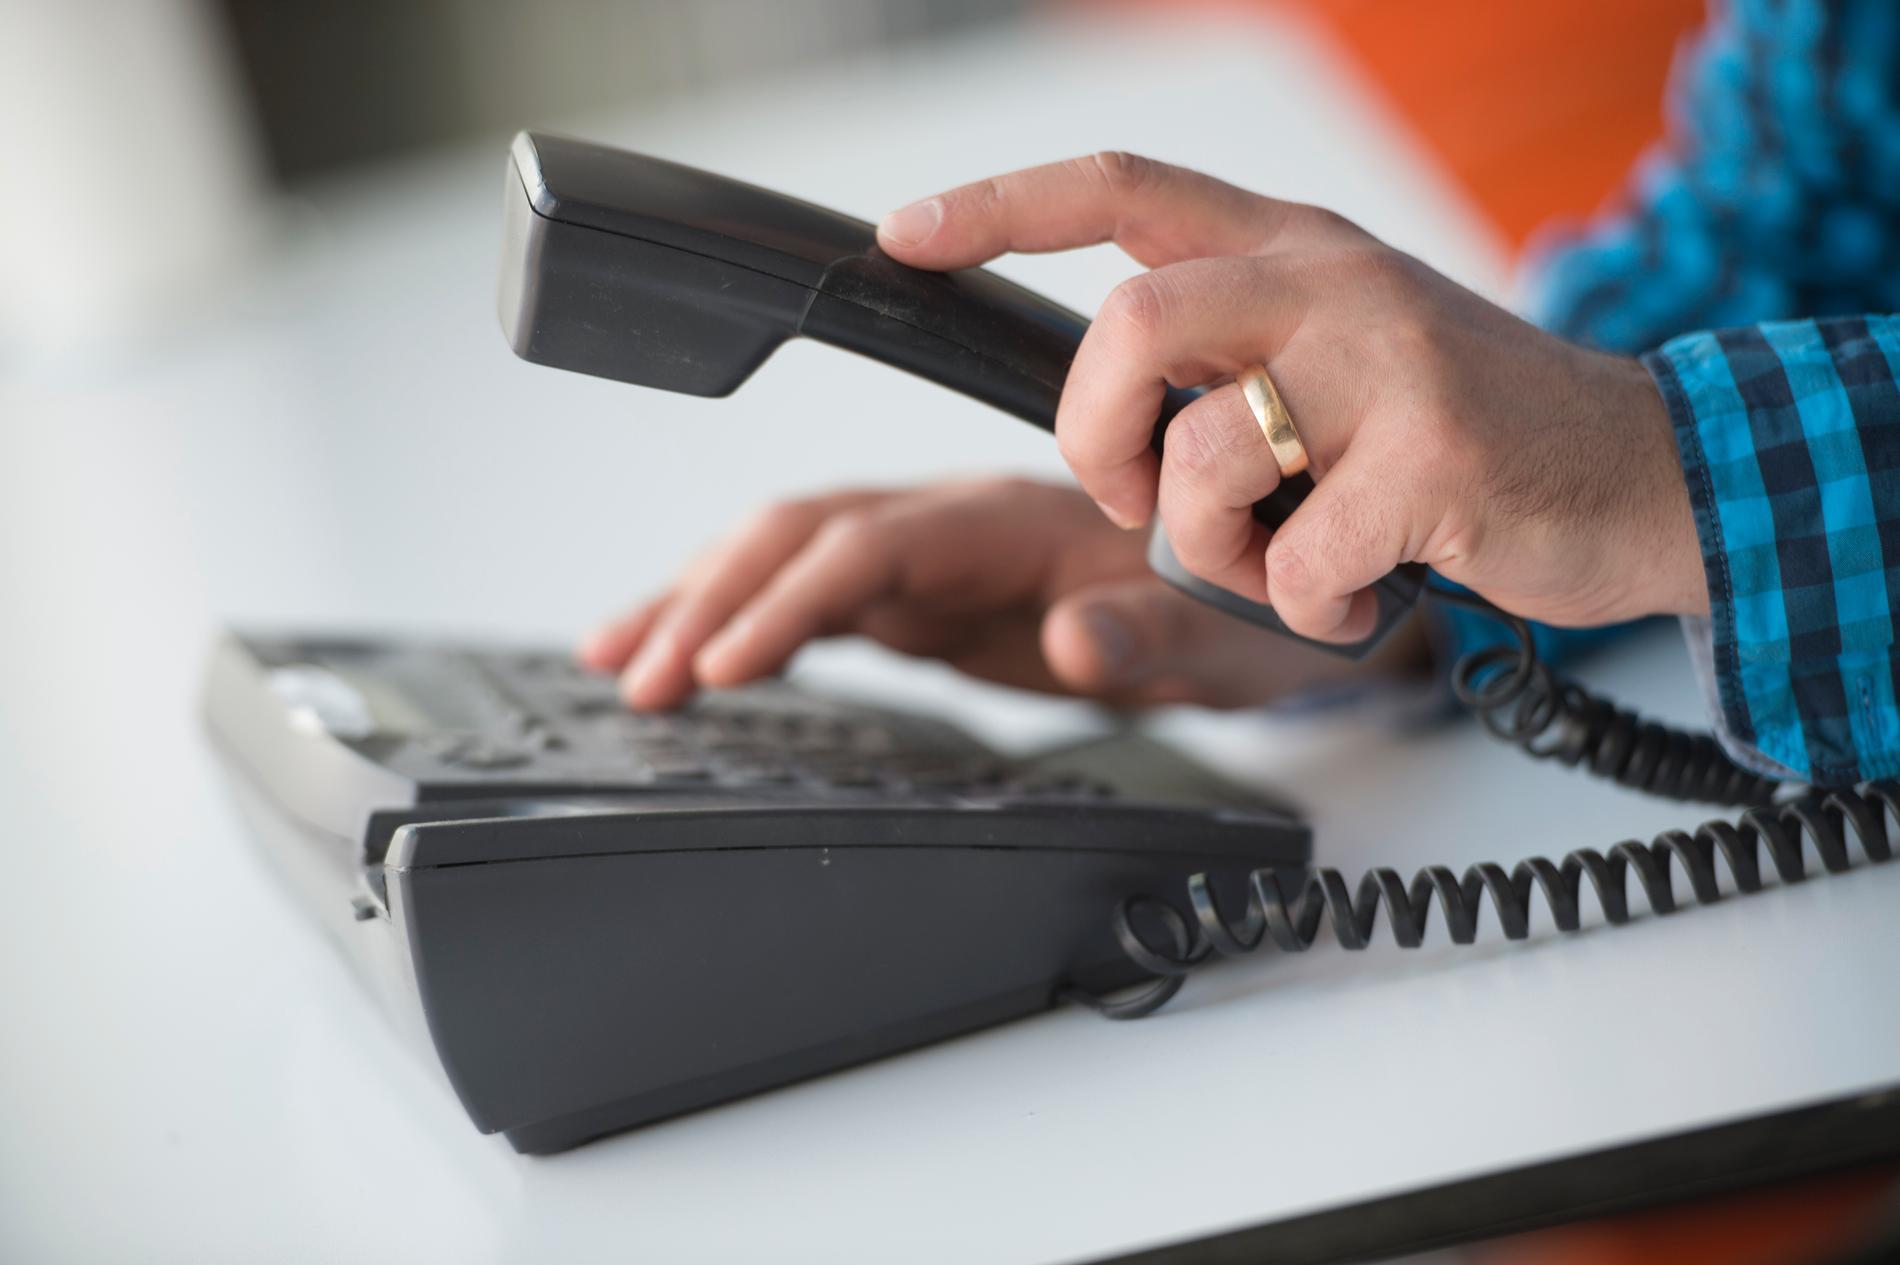 Från och med nu krävs digital eller skriftlig signatur från konsumenten för att ingå avtal över telefon. Arkivbild.